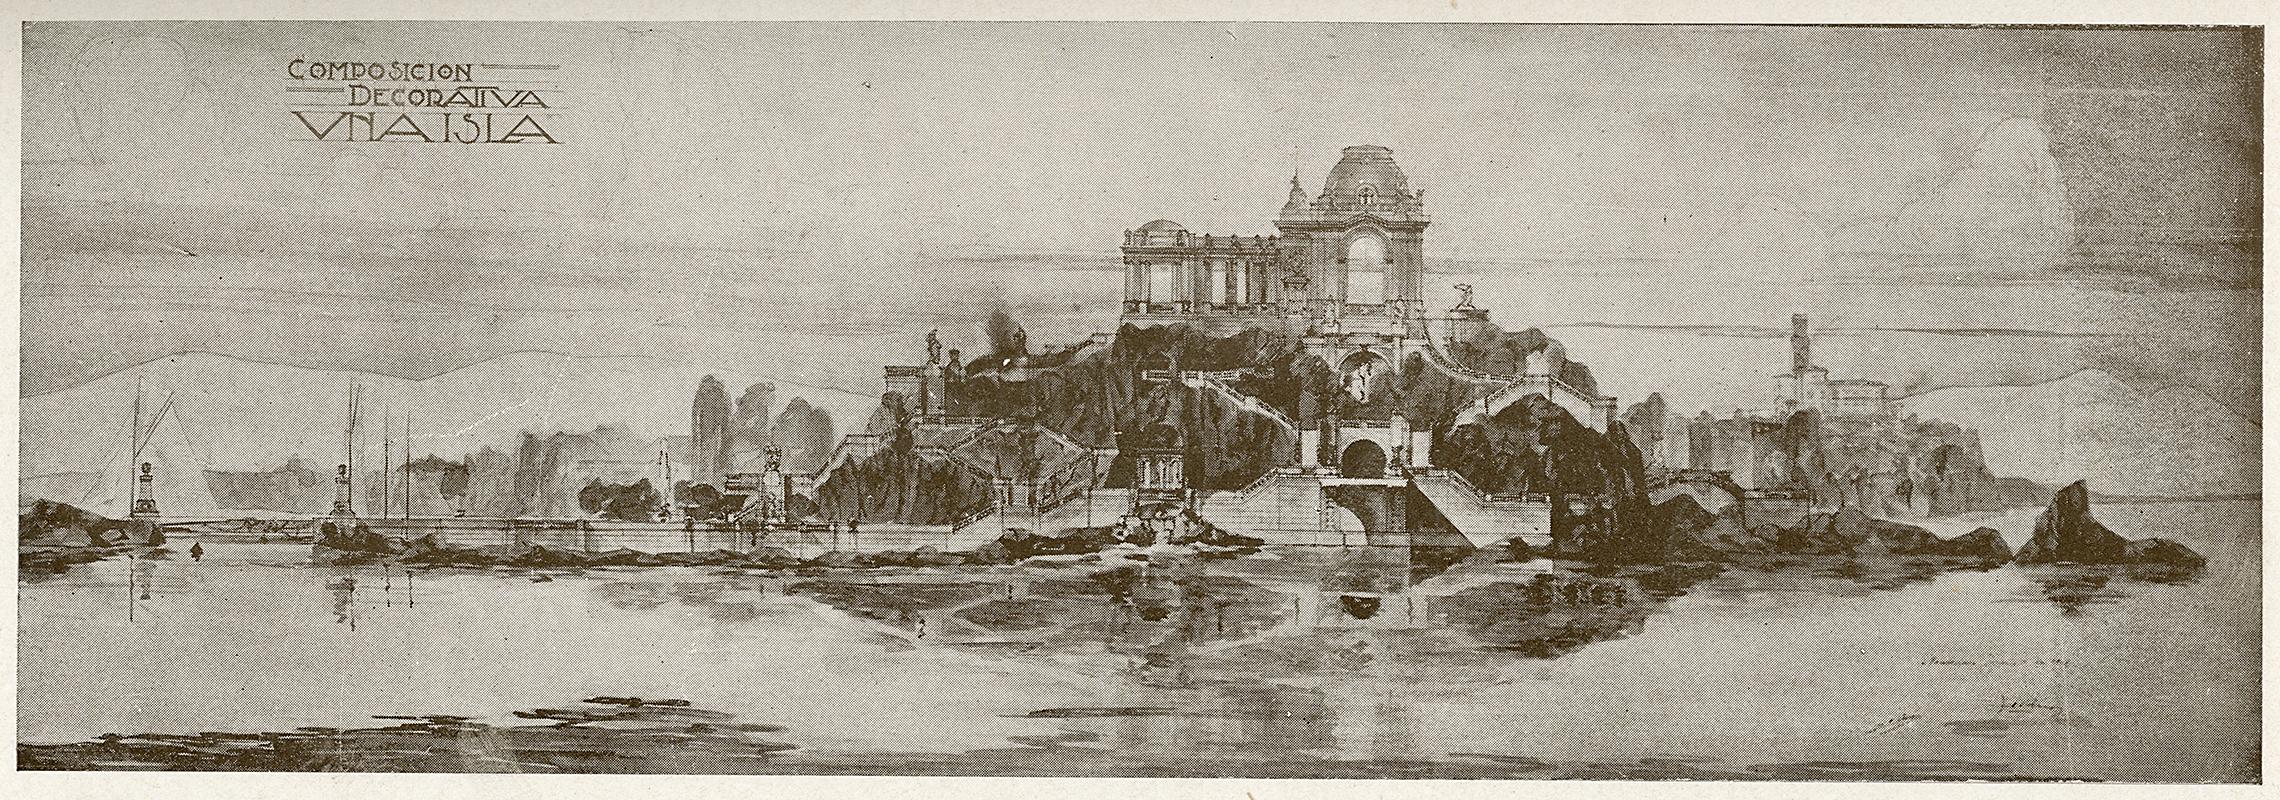 Juan A Ruis. Arquitectura. v.5 n.32 1919, 41